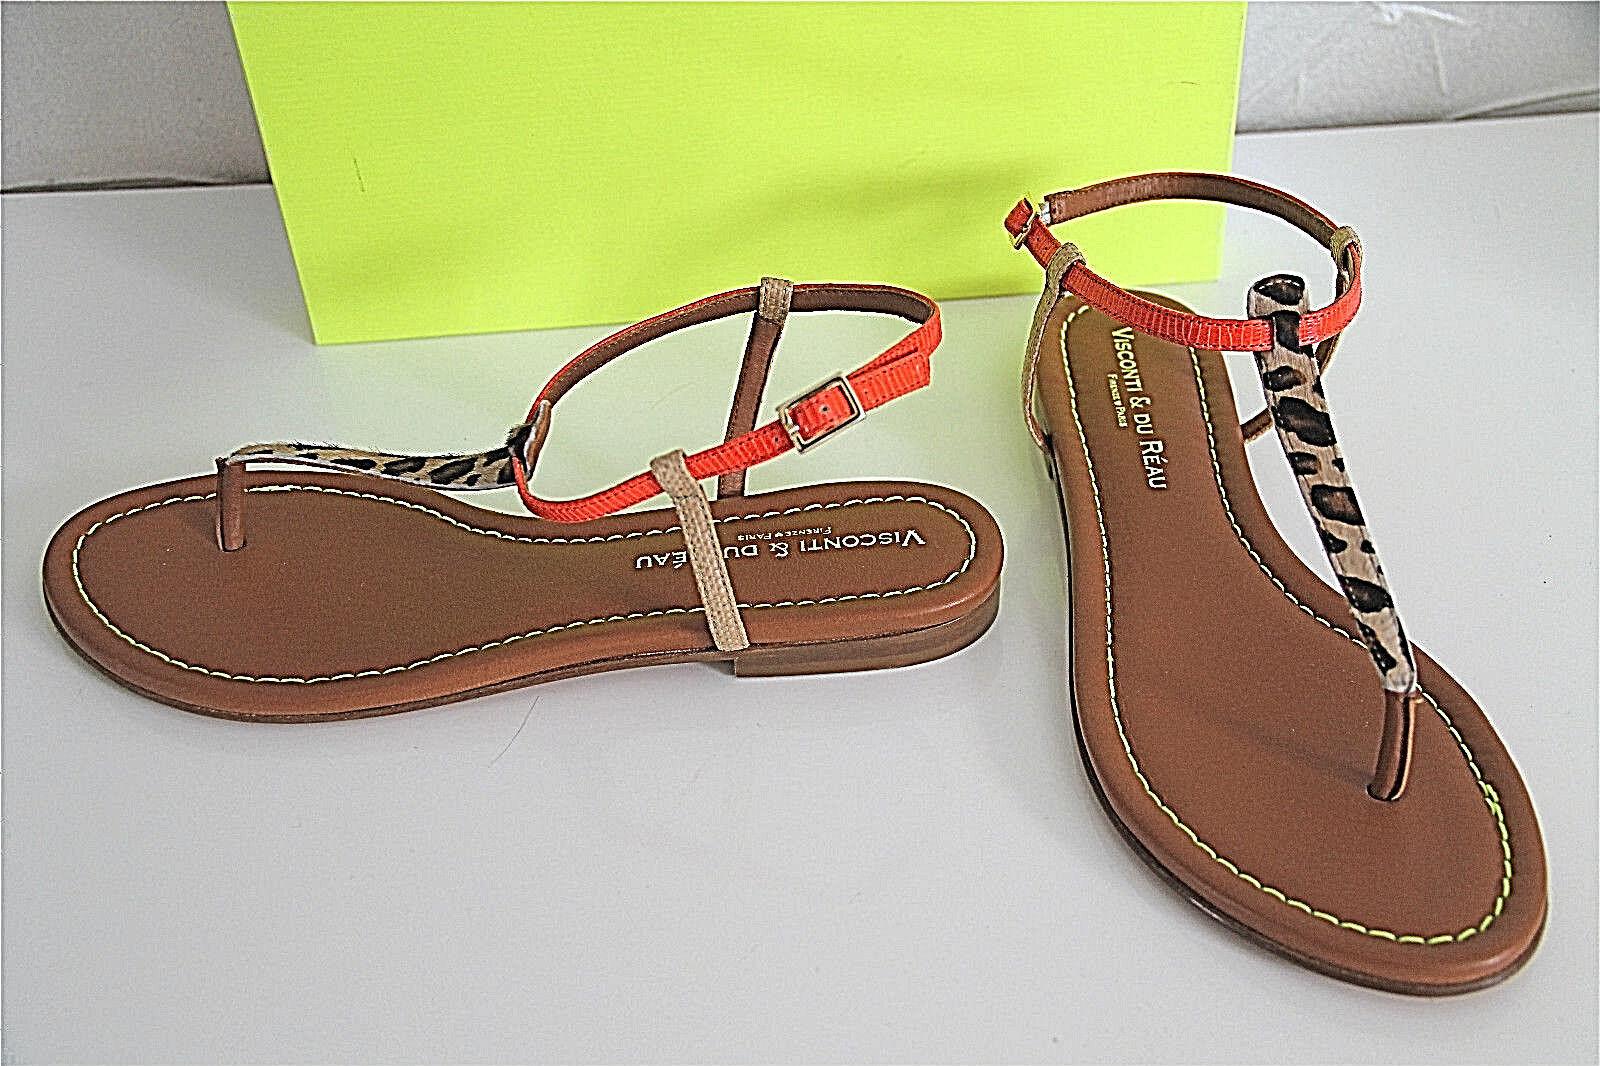 Sandalias Sandalias Sandalias leopardo VISCONTI DEL AGUA talla 40 eu 9 us 7 uk NUEVAS valorada en  ofrecemos varias marcas famosas